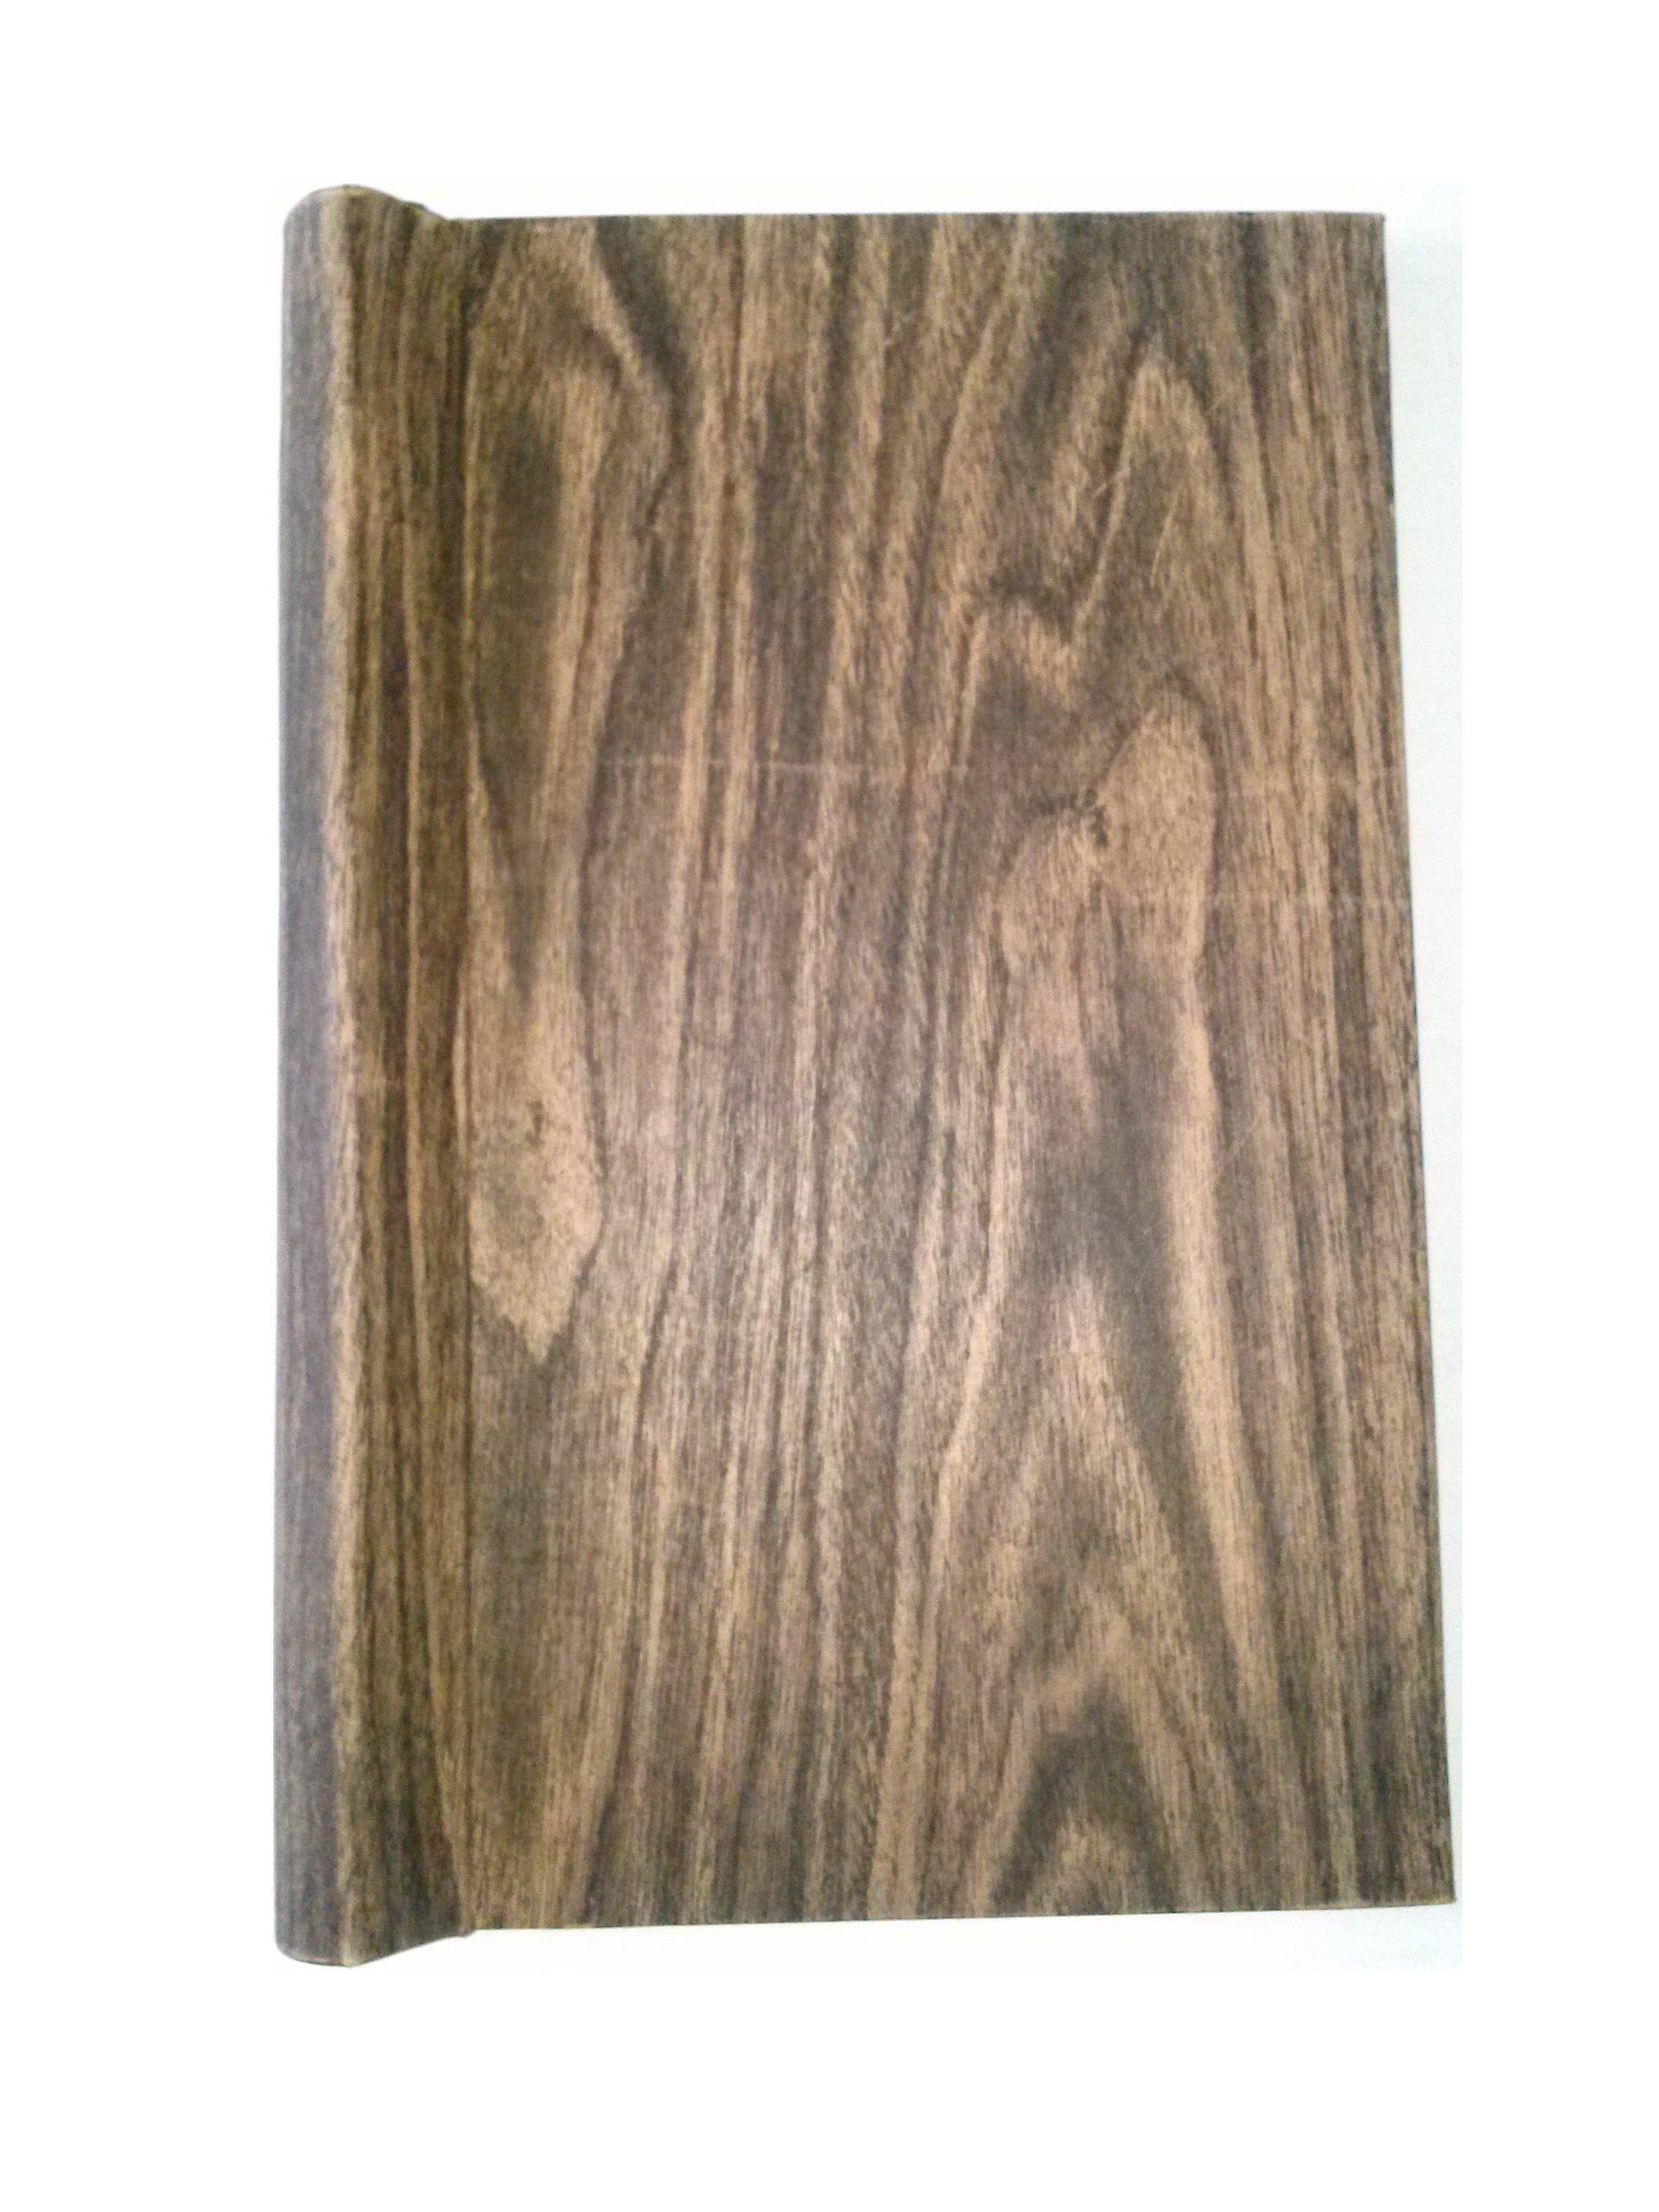 Six Star Spring Binder R-48 12W 8'' [W] x 14 1/2'' Wood Grain Cover